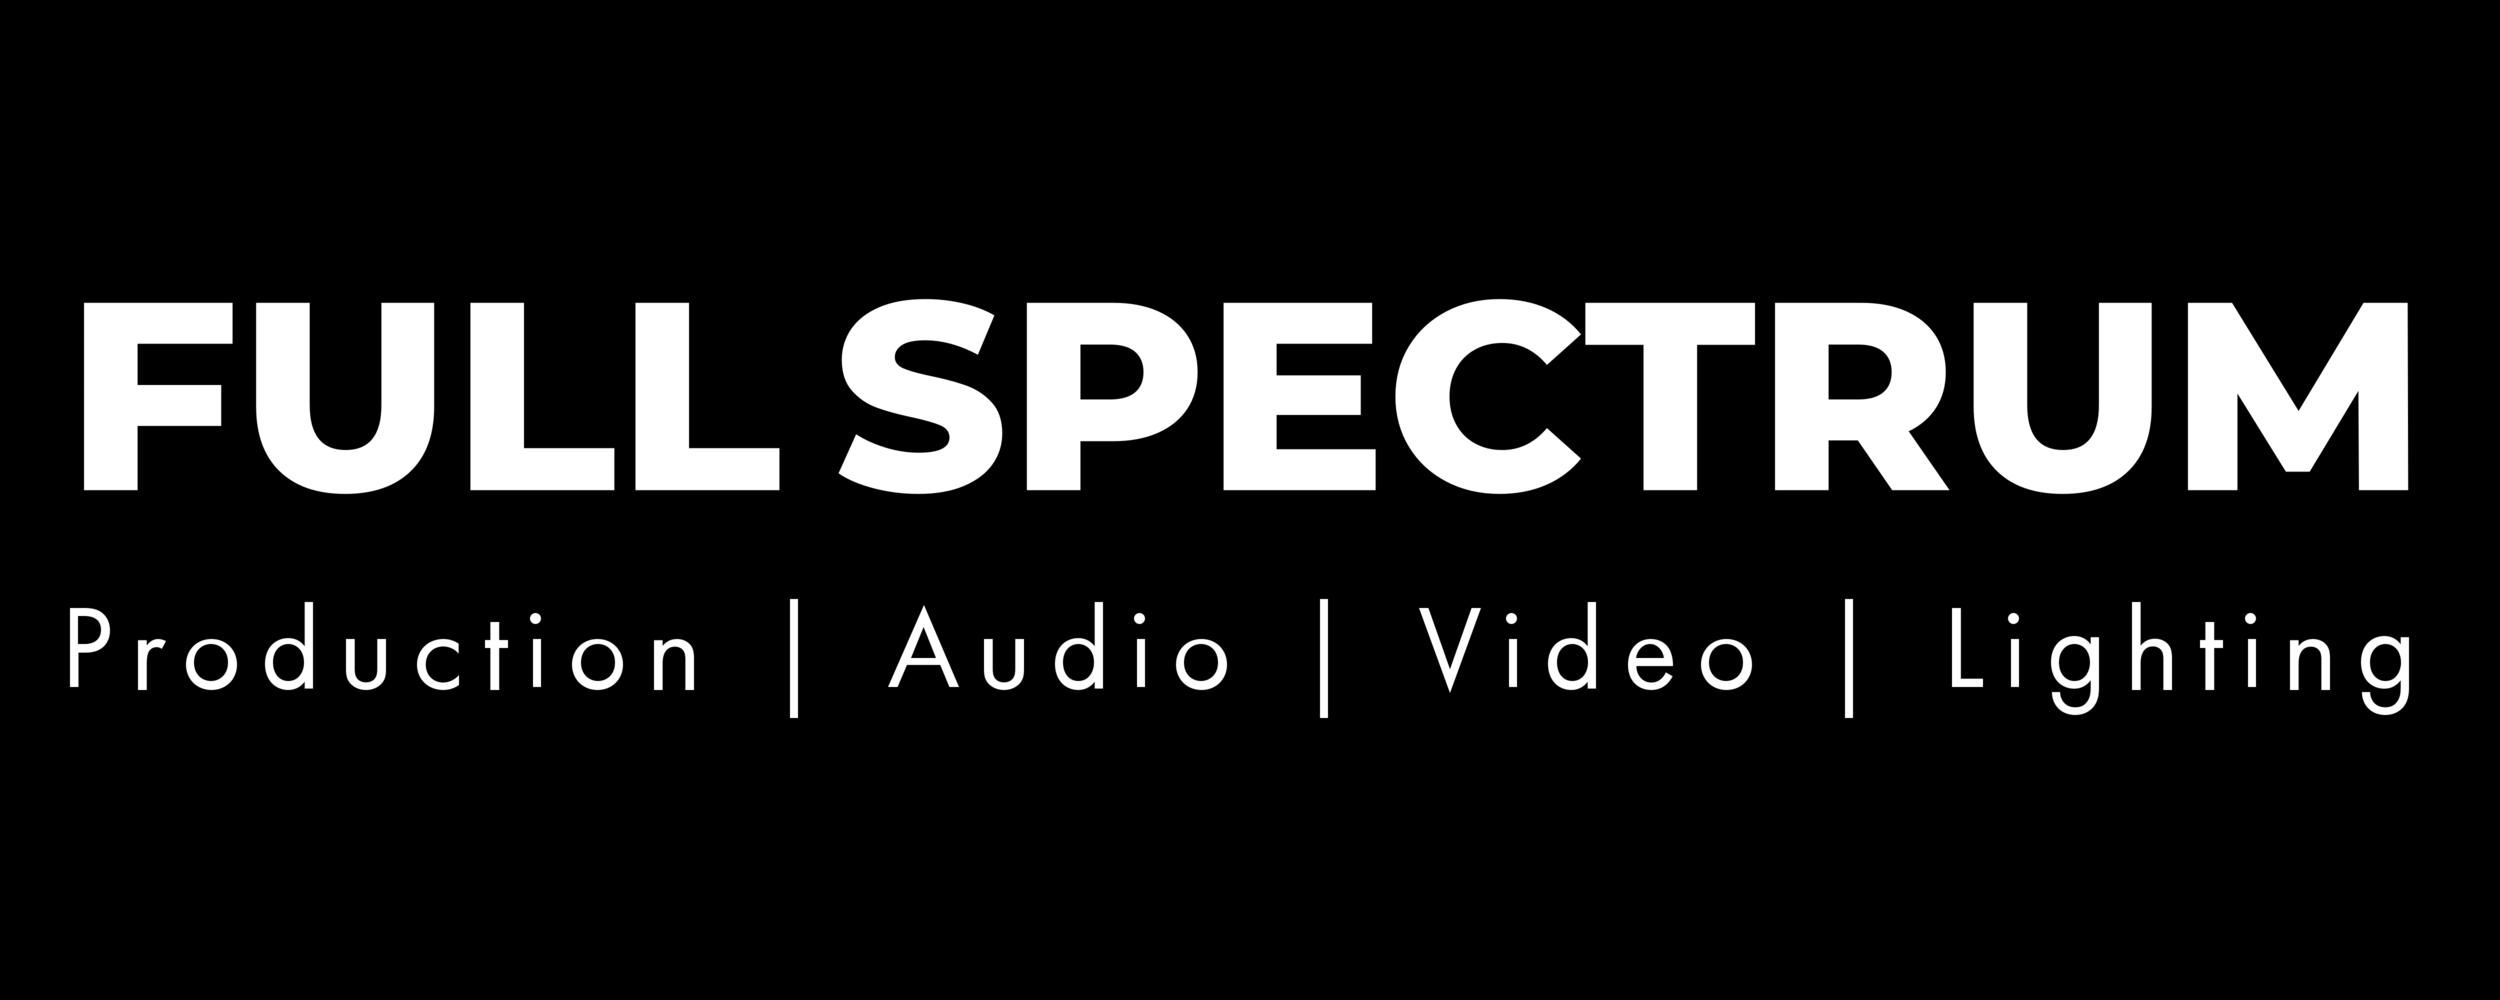 www fspavl com